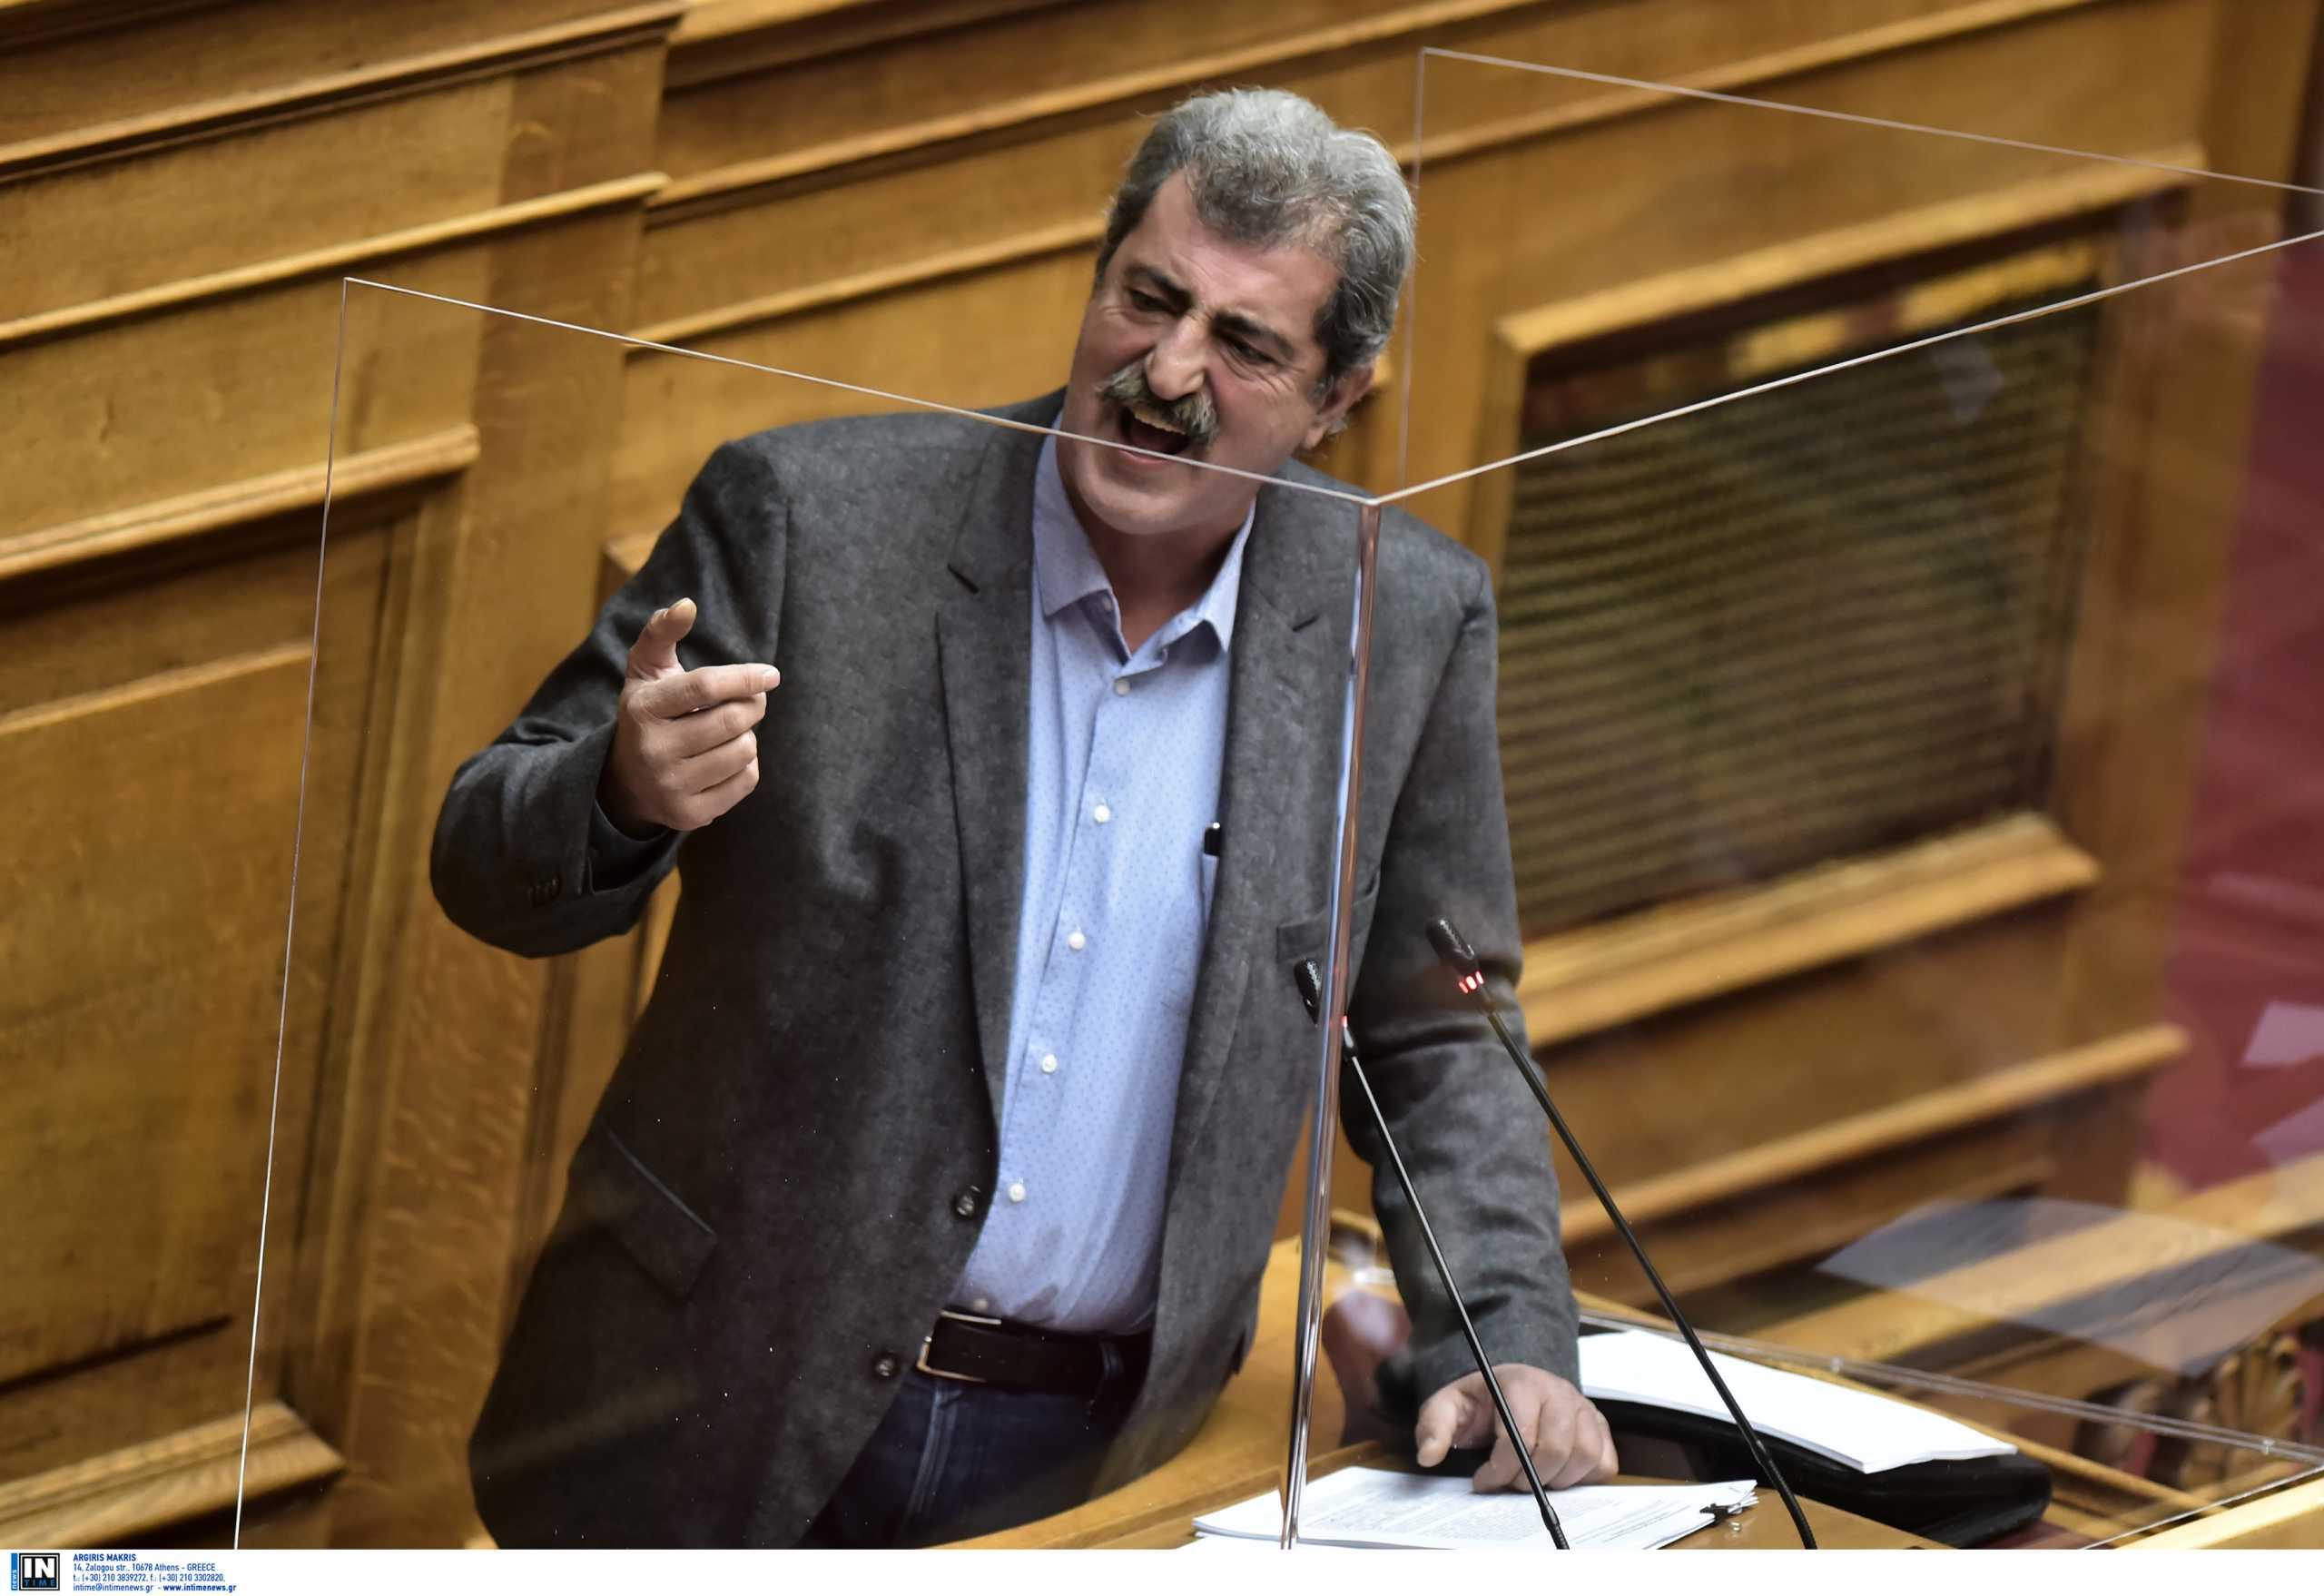 Με μαντινάδα απάντησε ο Πολάκης στην πρόταση για άρση της ασυλίας του